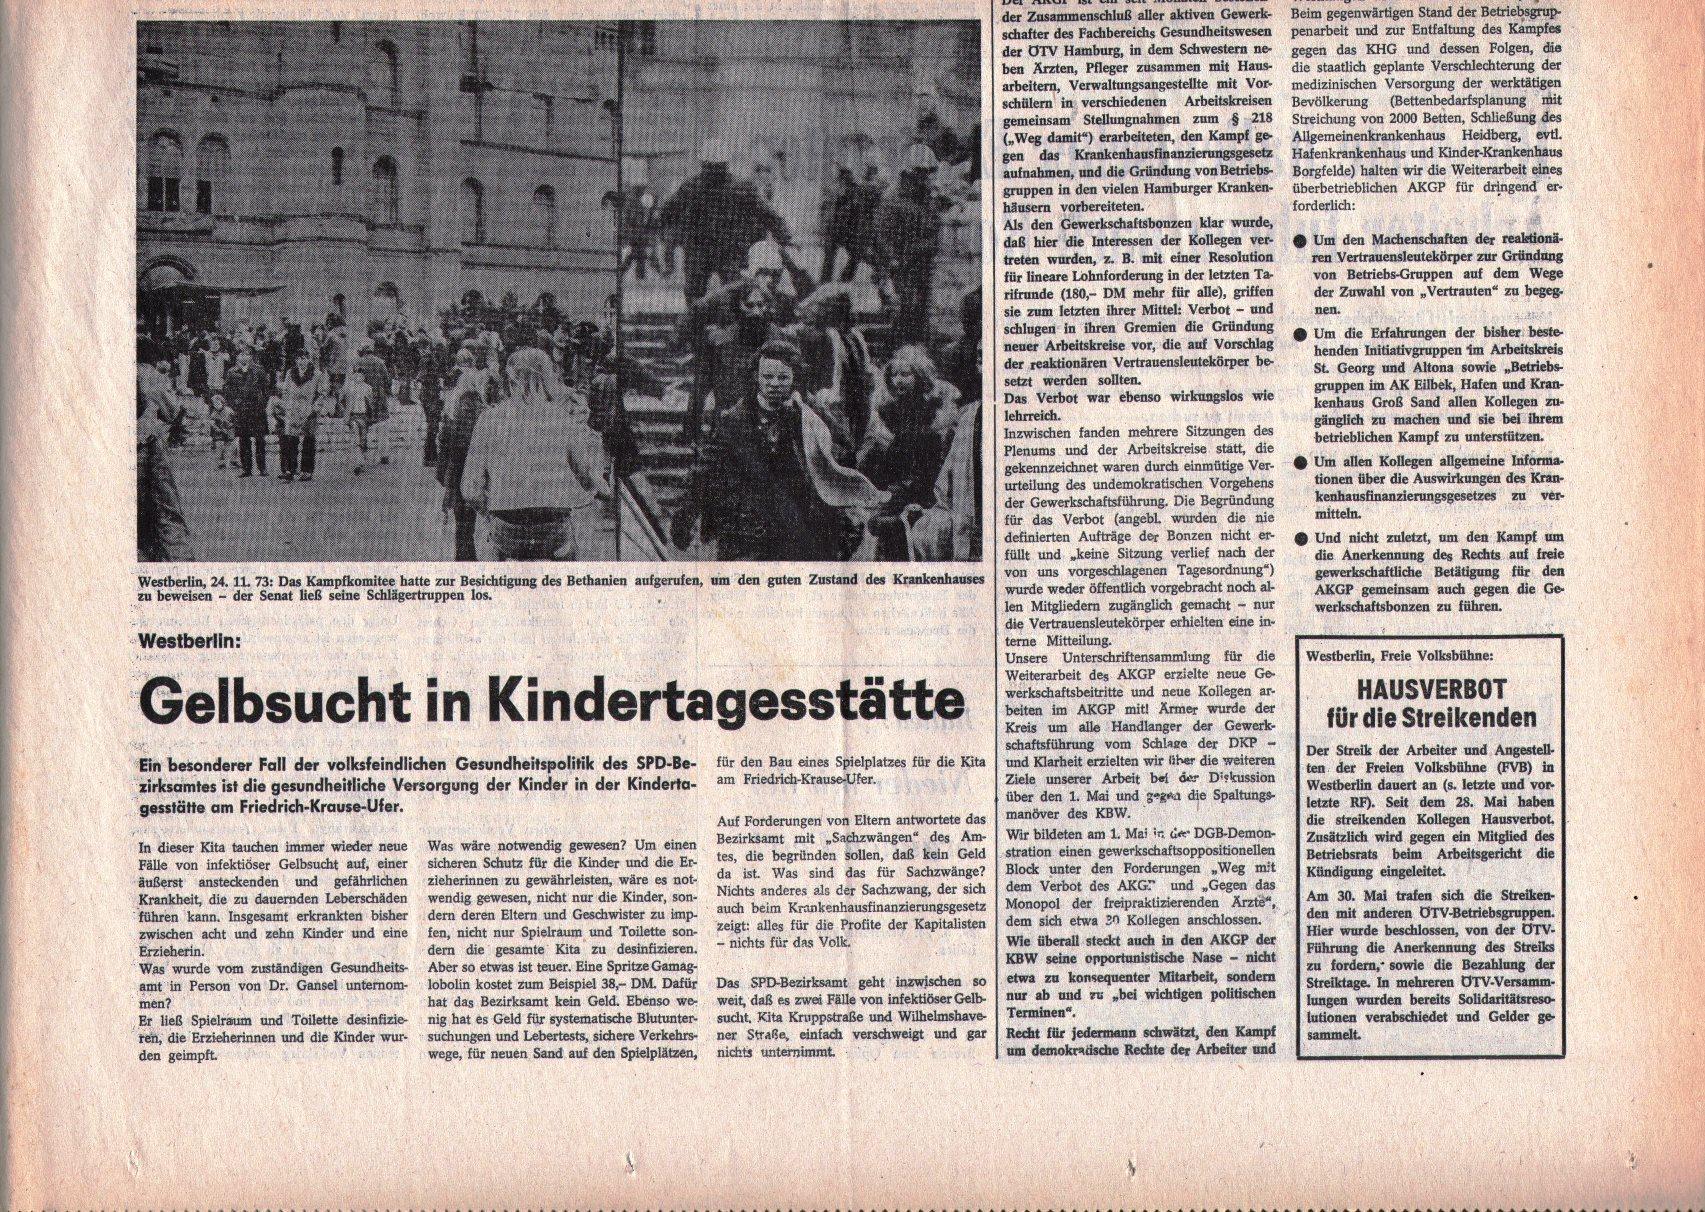 KPD_Rote_Fahne_1974_23_10